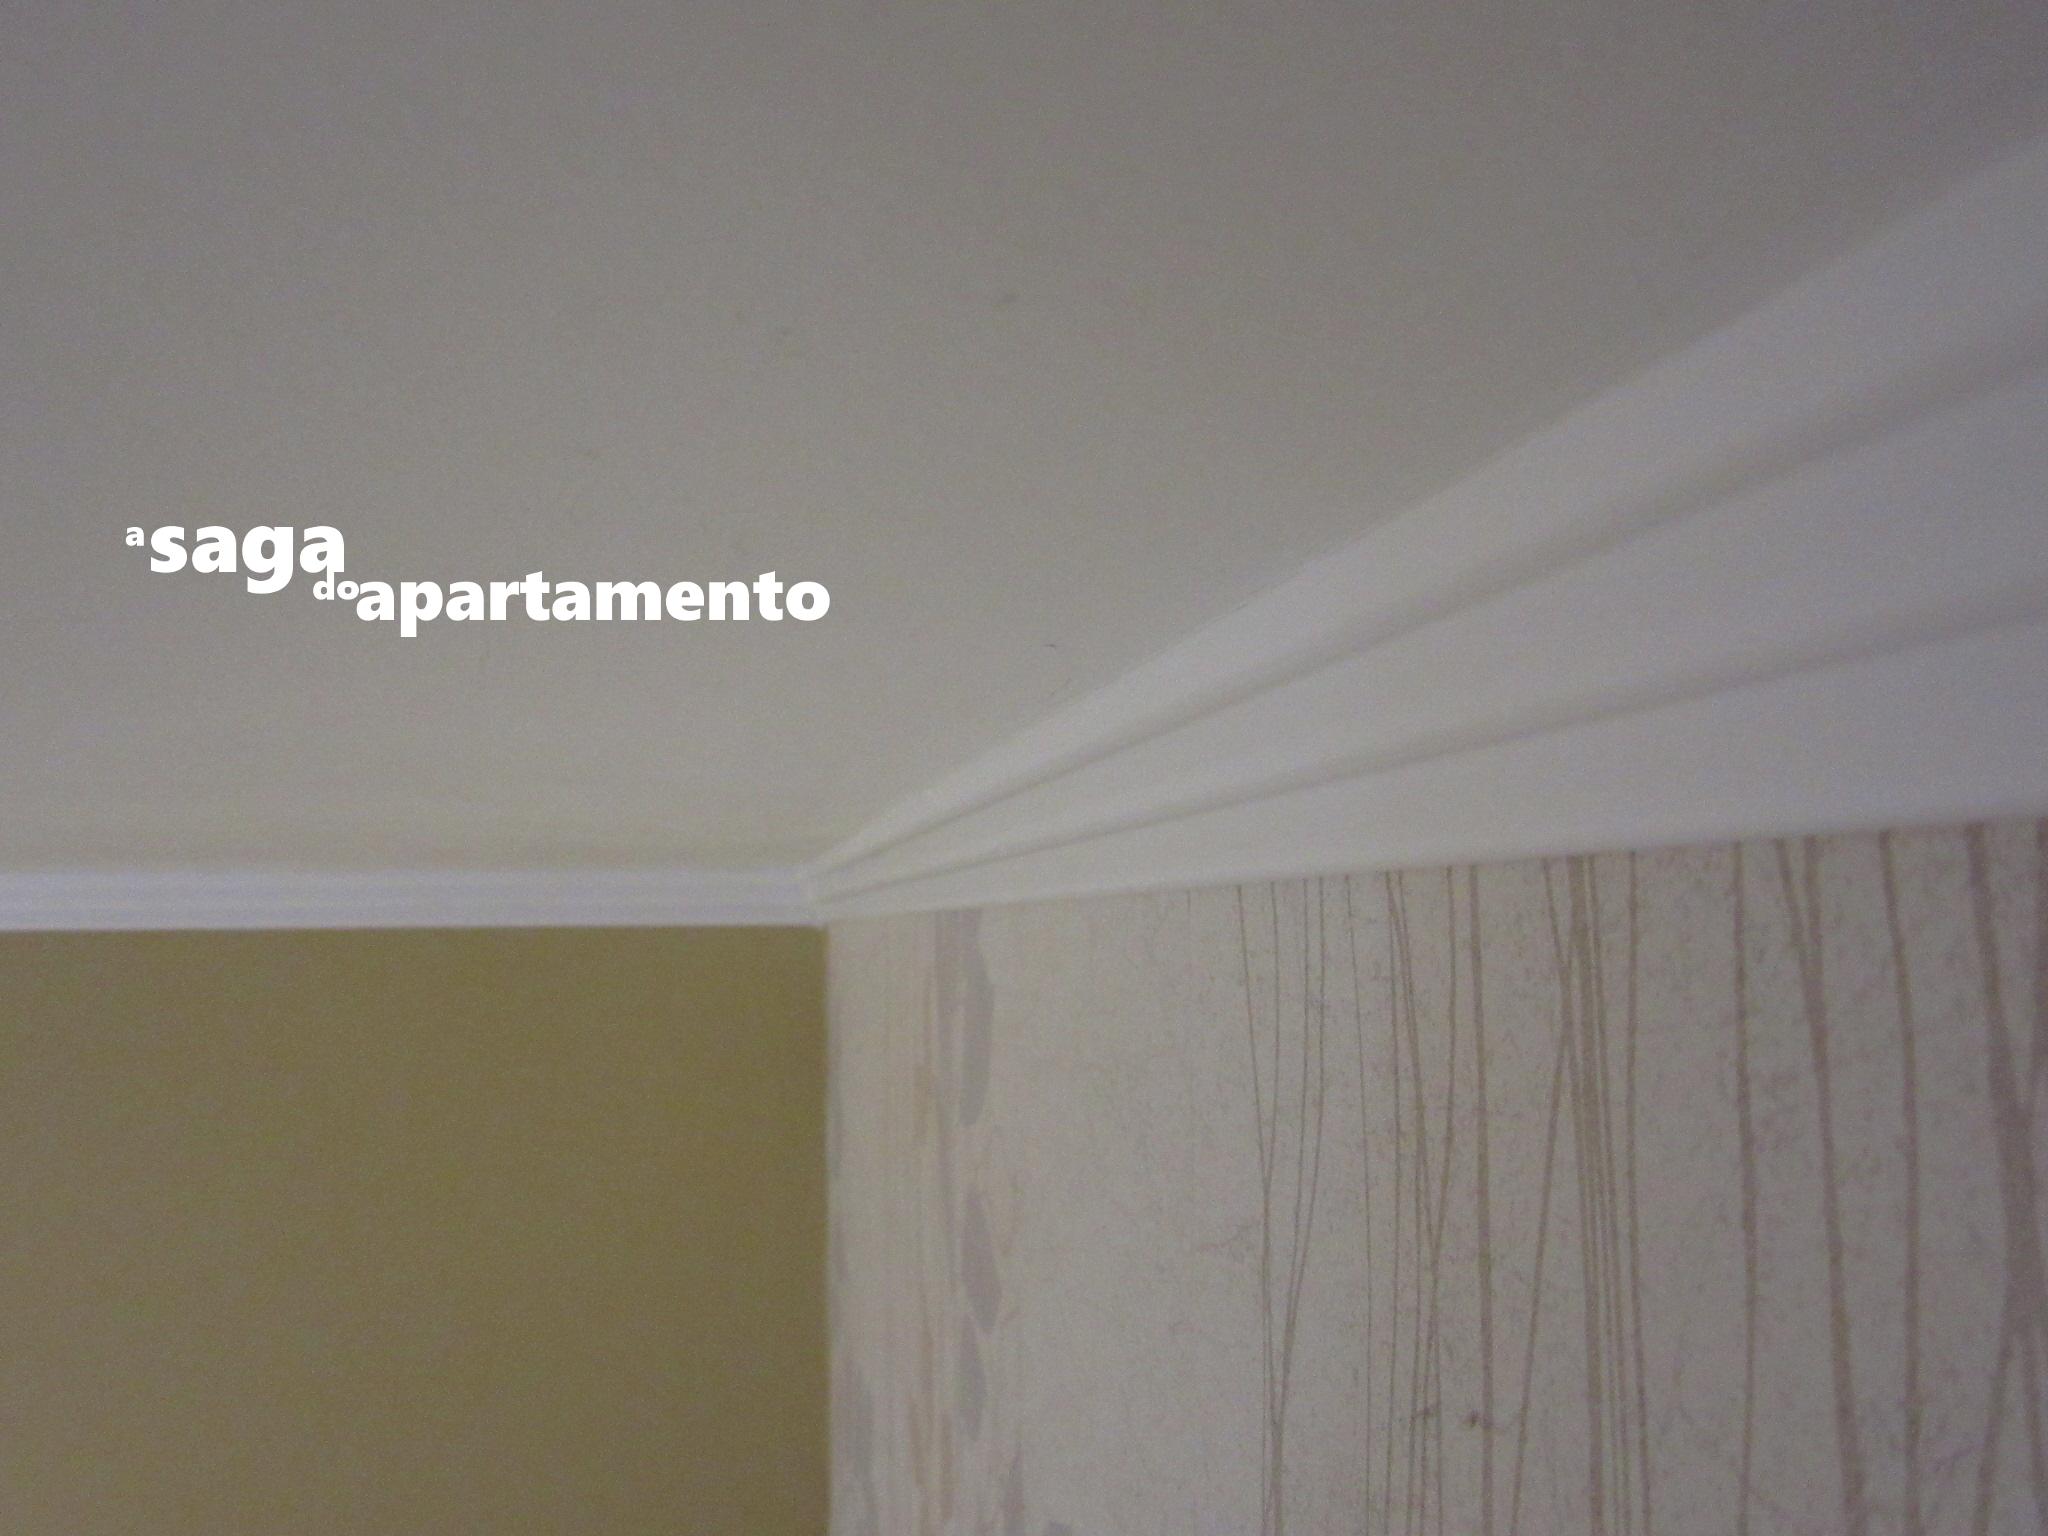 Roda Teto A Saga Do Apartamento -> Modelo De Forro Rebaixado Em Apartamentos 51M2